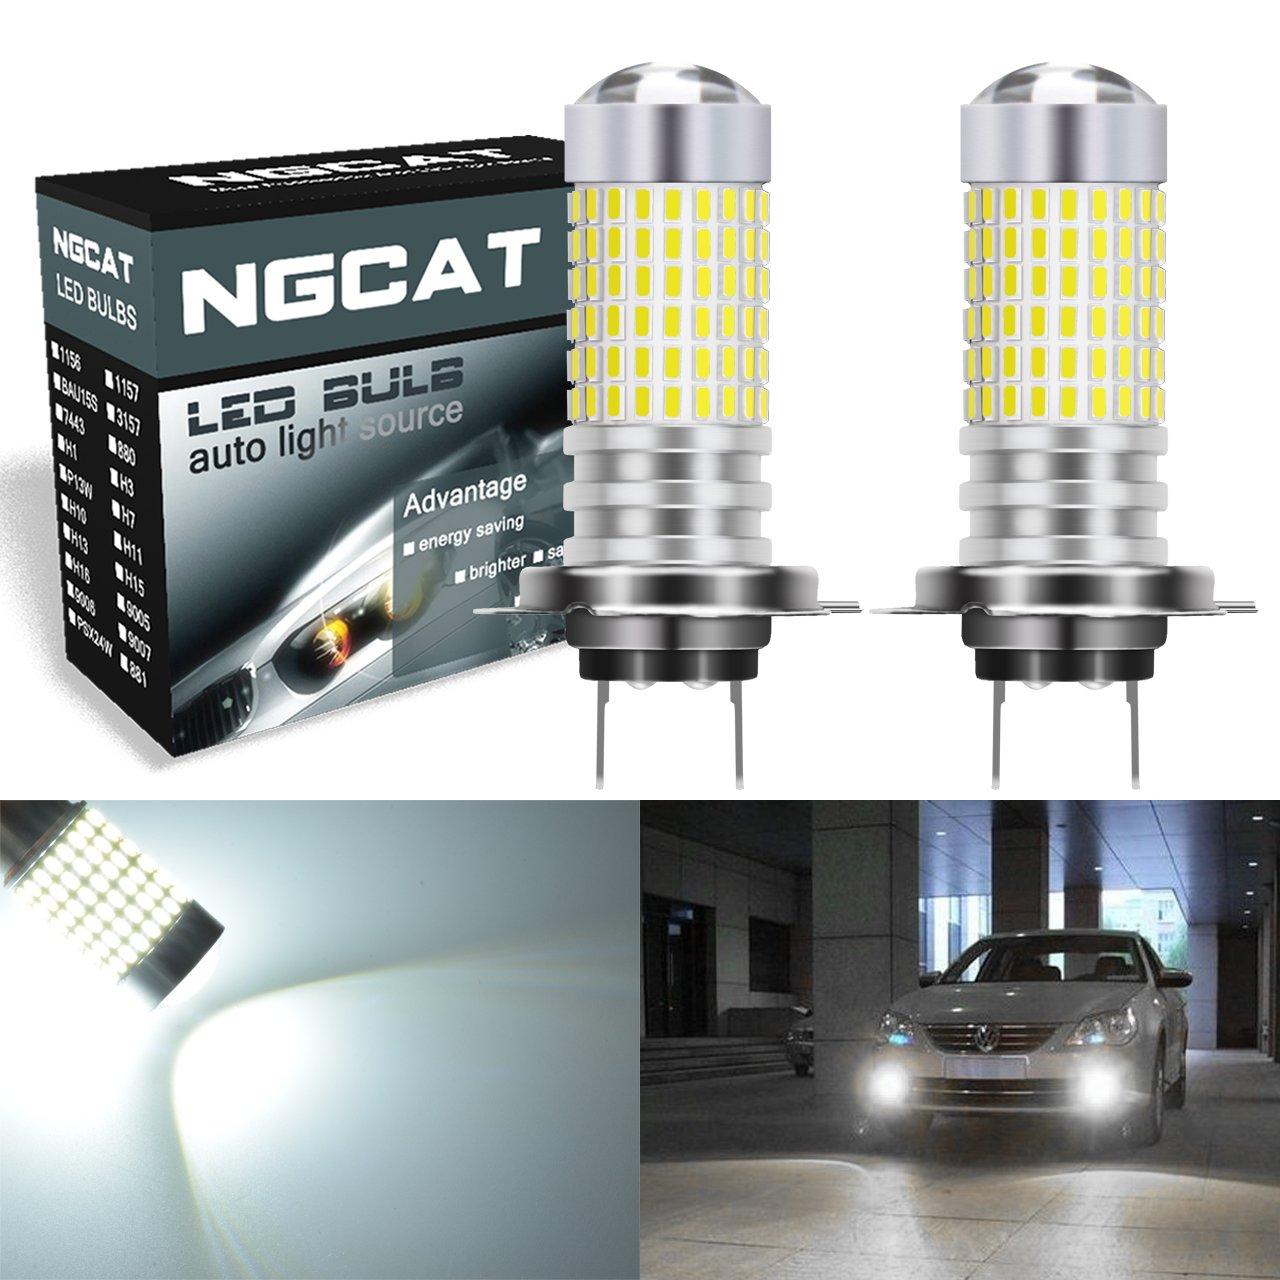 Ngcat 2 pcs 1500 lumens 3014smd 144-ex Chipsets H7 ampoules LED Super Lumineux avec lentille Vidé oprojecteur Feux de Brouillard DRL Feux de Jour les signaux Back Up inversé e lumiè res, Xenon Blanc 12– 24